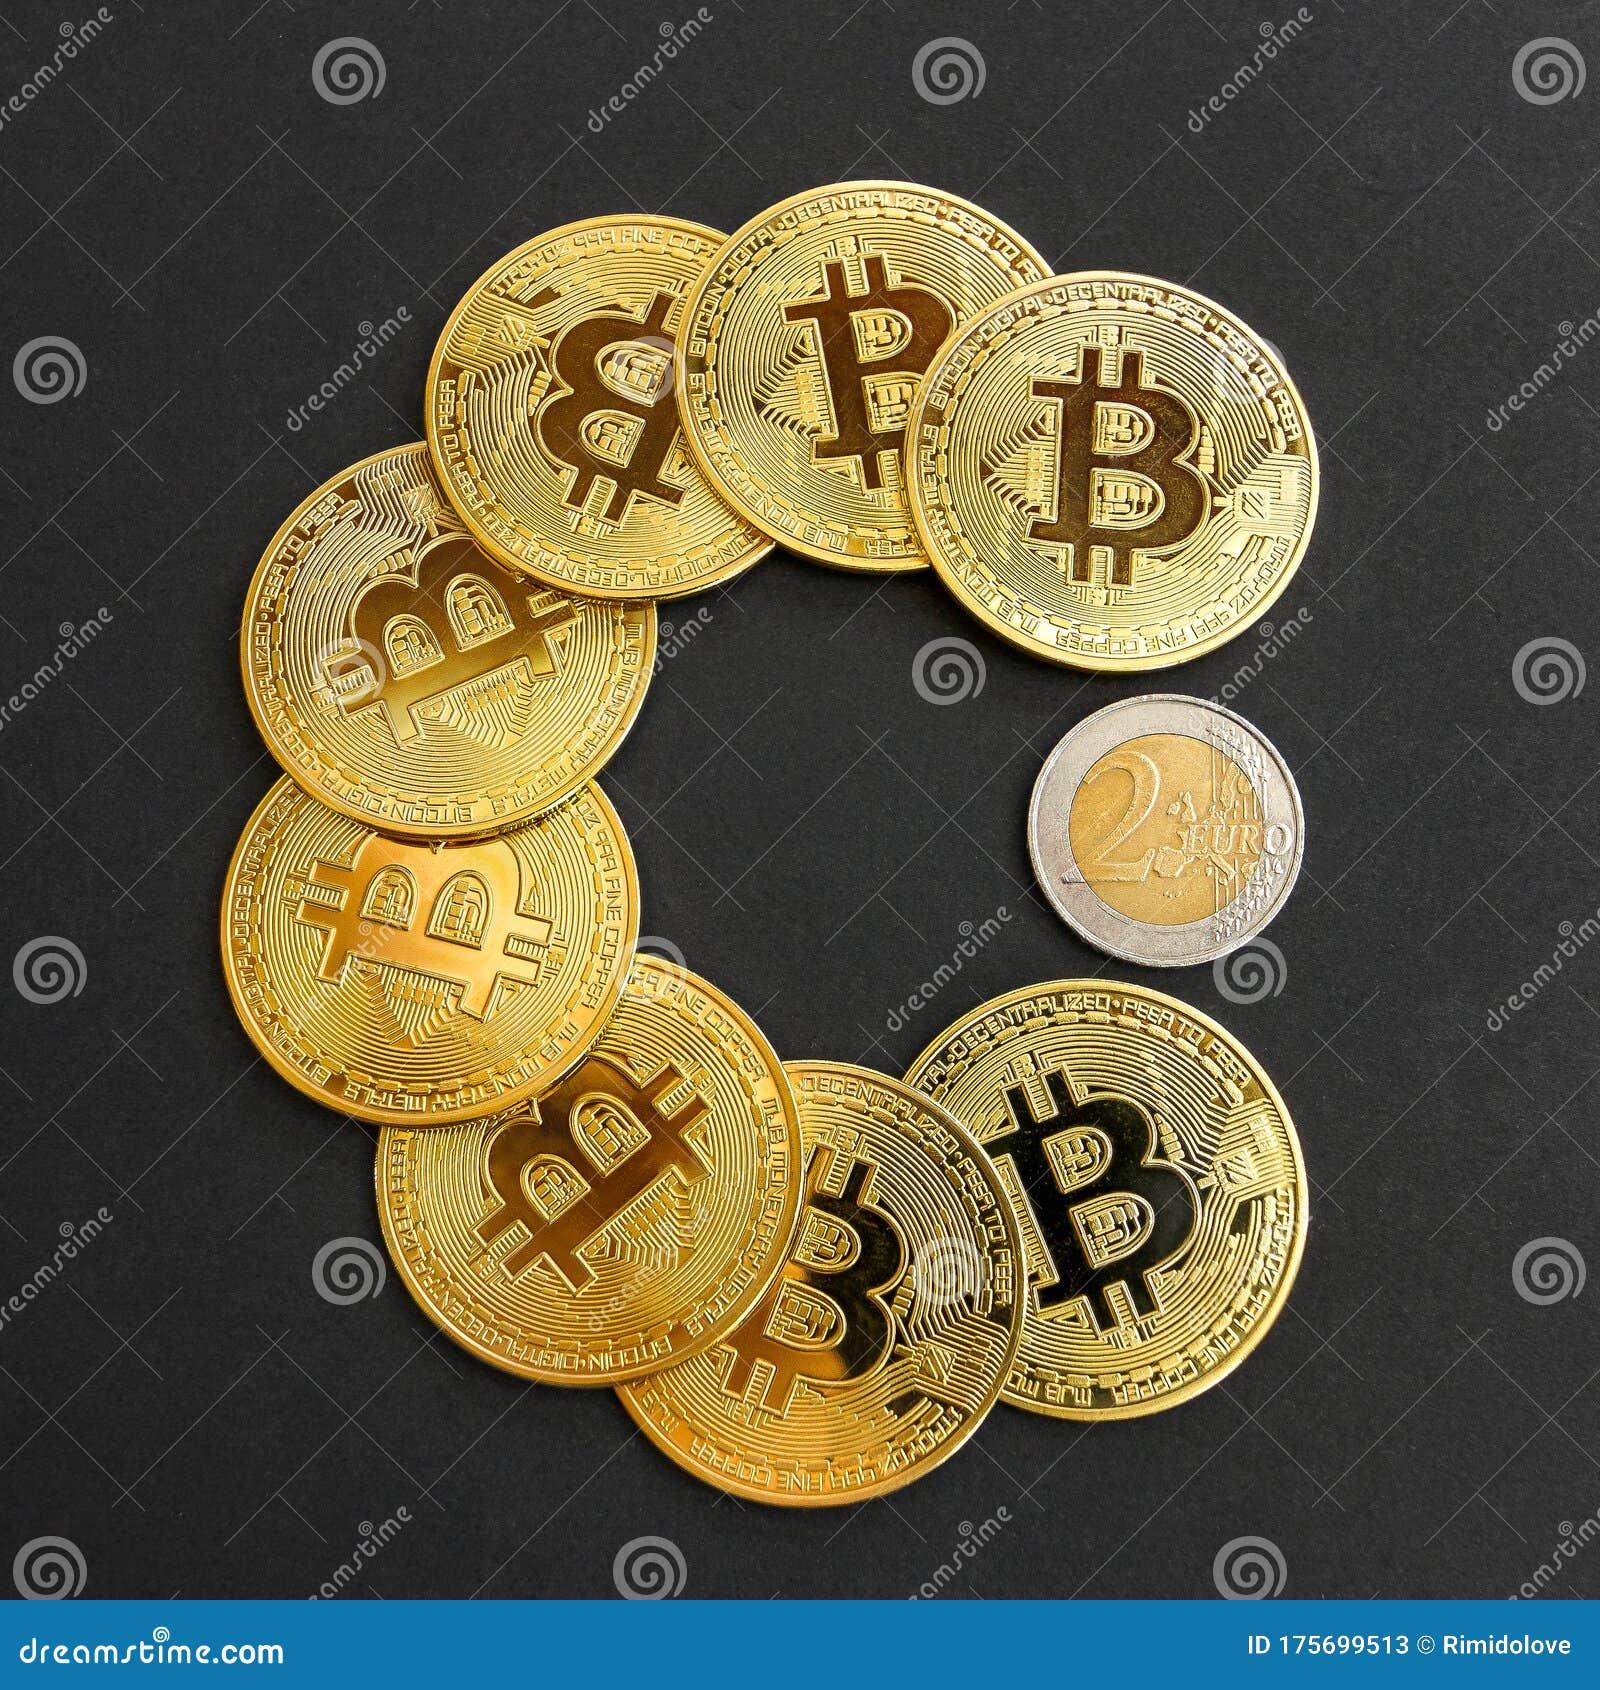 bitcoin la mpesa fără depozit bonus crypto casino